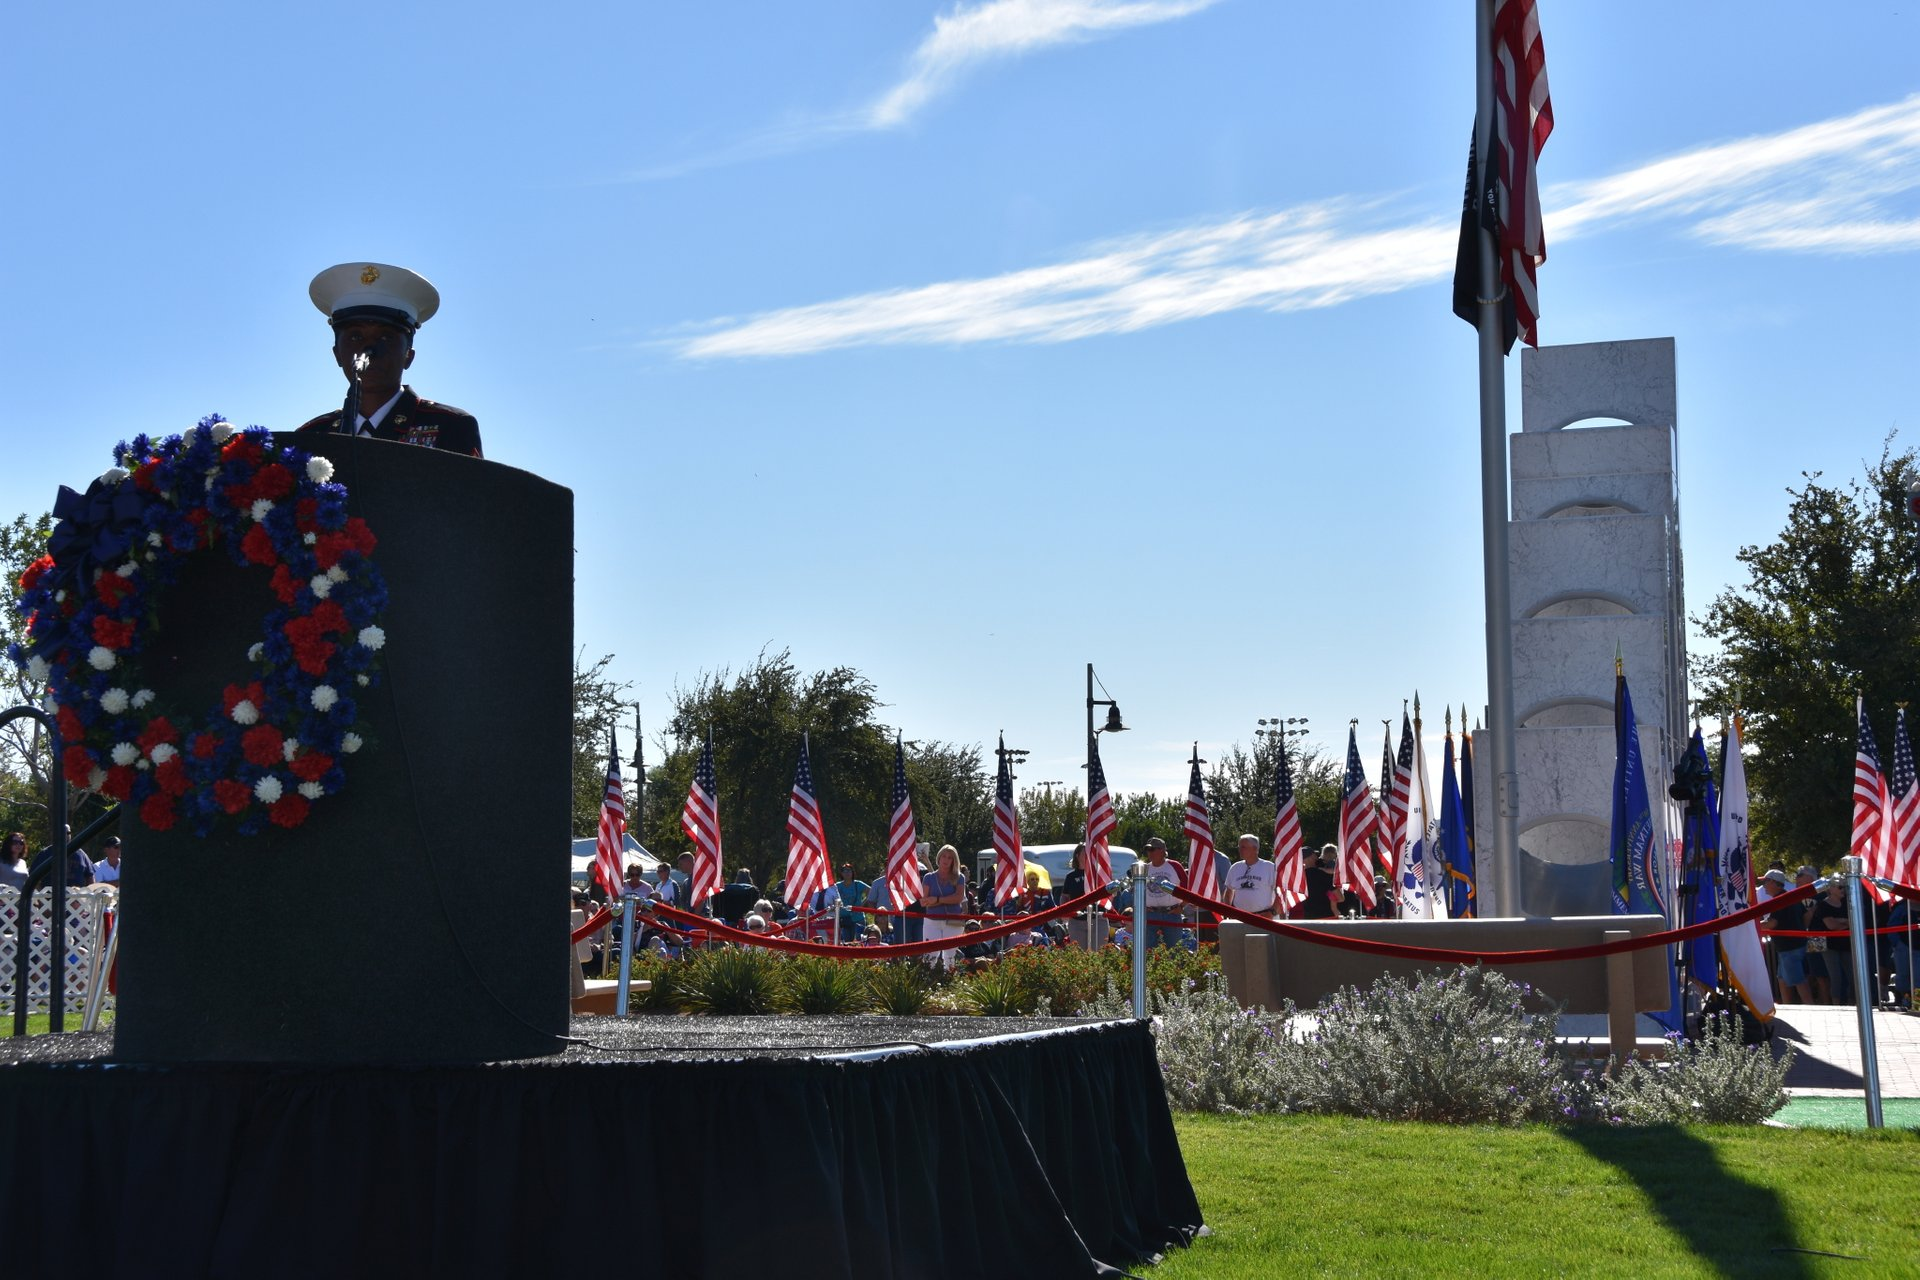 Best time for Solar Spotlight at the Anthem Veterans Memorial 2020